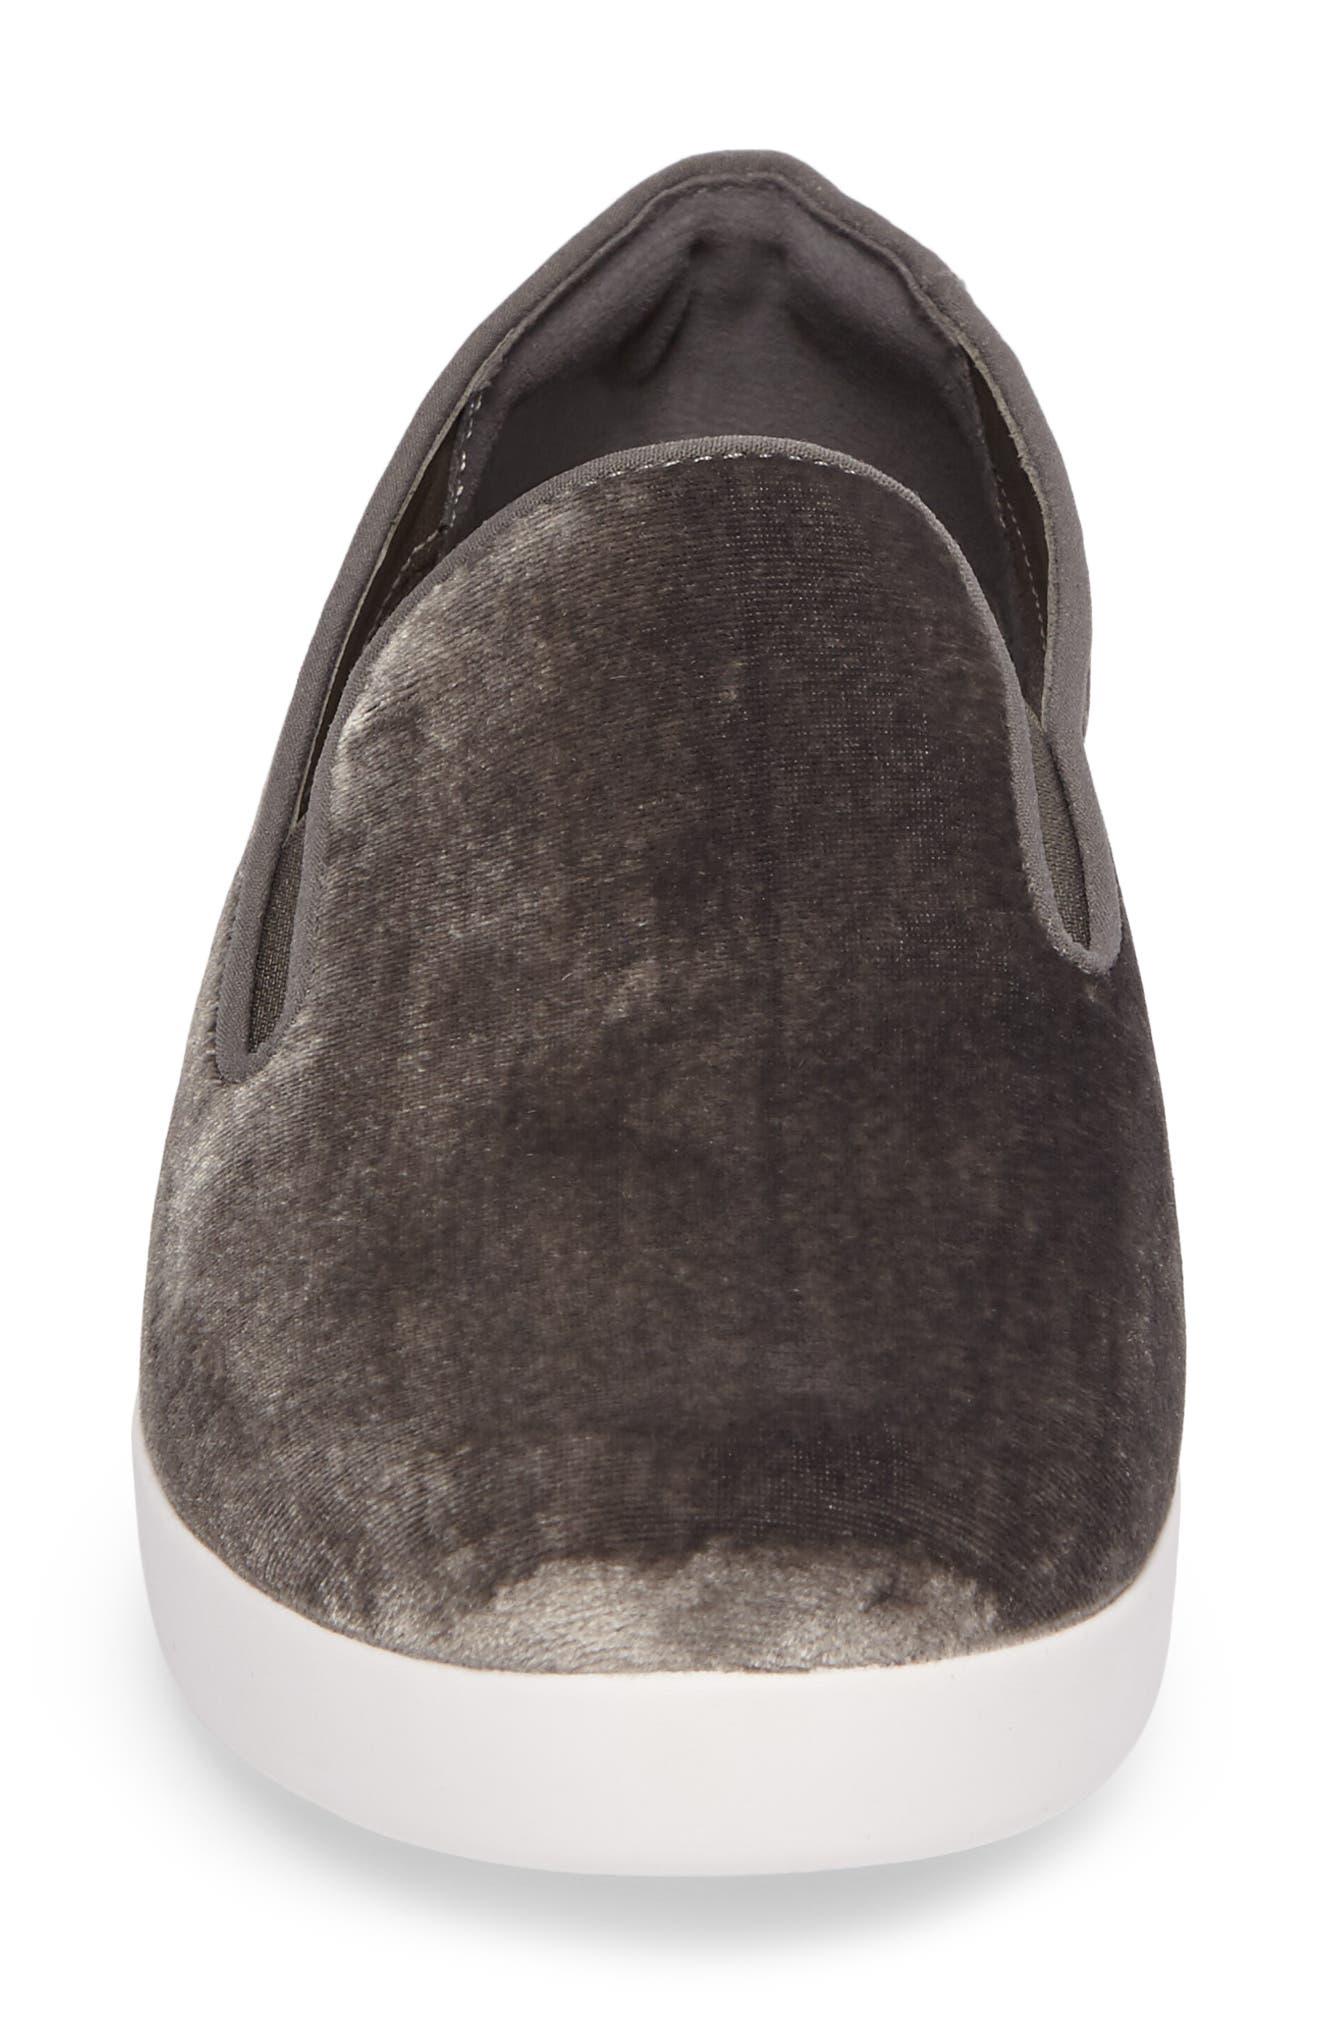 Superskate Slip-On Sneaker,                             Alternate thumbnail 4, color,                             040